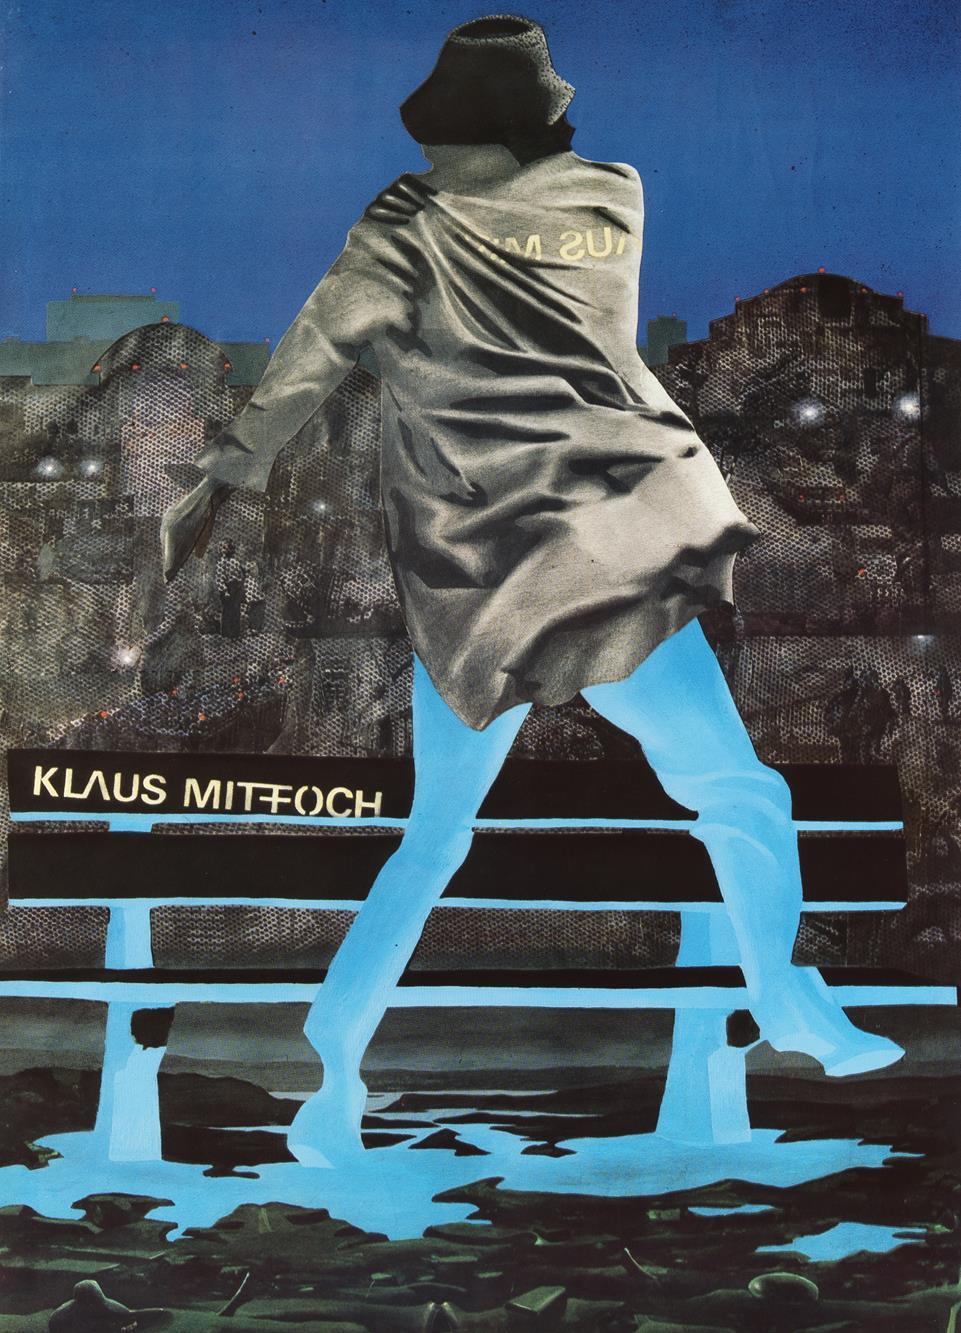 """Klaus Mitffoch, 1984, plakat. Projekt: Artur """"Gouy"""" Gołacki, współpraca Andrzej Rogowski. Dzięki uprzejmości Andrzeja Rogowskiego"""